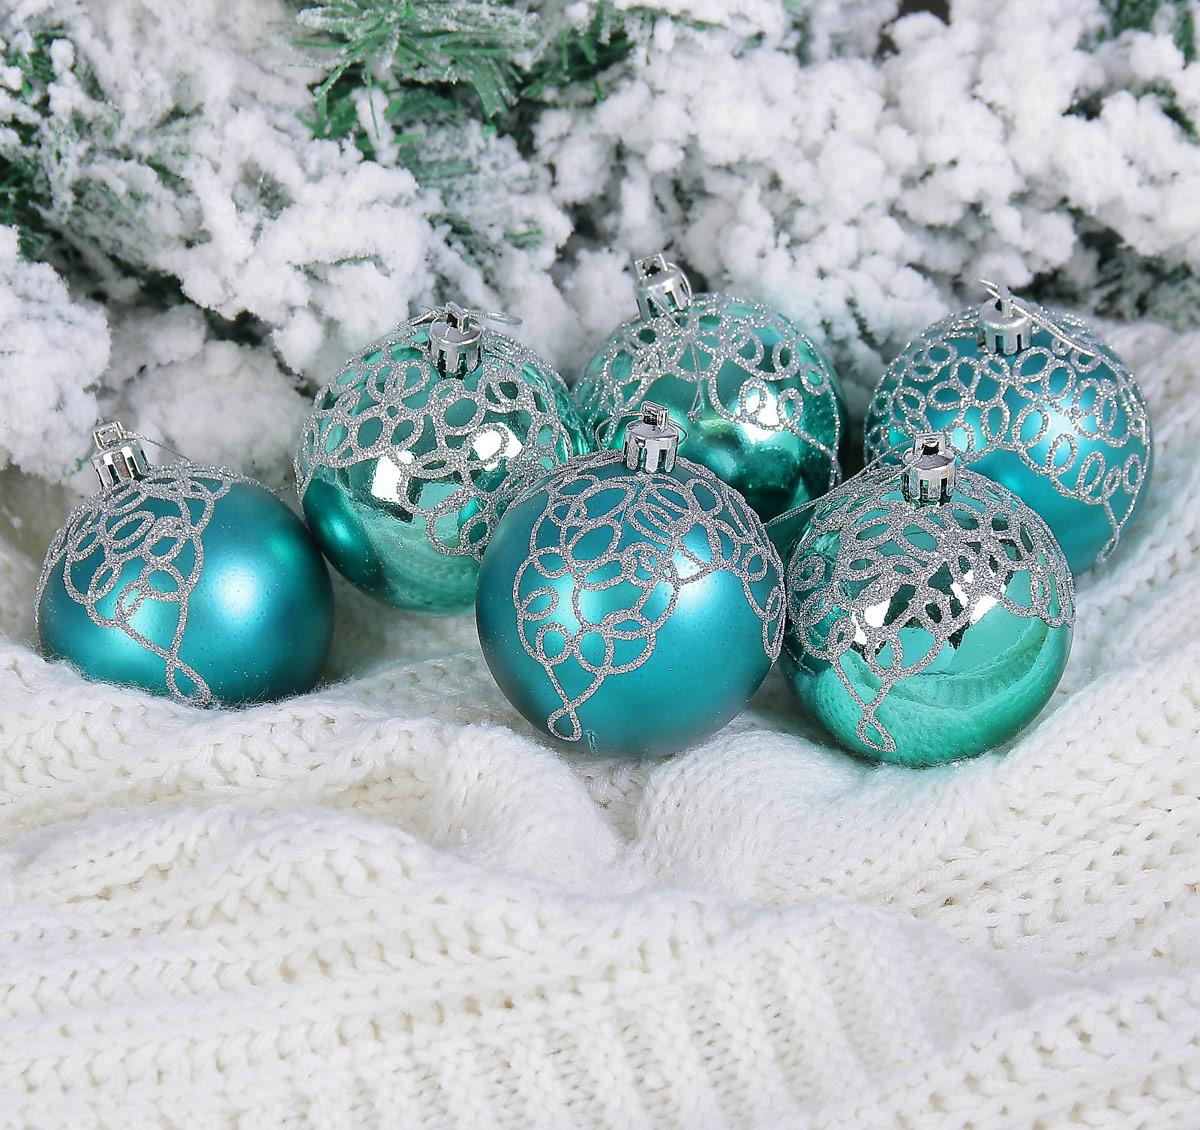 Набор новогодних подвесных украшений Sima-land Кружева, цвет: изумрудный, диаметр 7 см, 6 шт2122940Елочная игрушка - символ приближающегося праздника. Она послужит прекрасным подарком как для ребенка, так и для взрослого, а также дополнит новогодний интерьер. Шары будут отлично смотреться на праздничной елке.